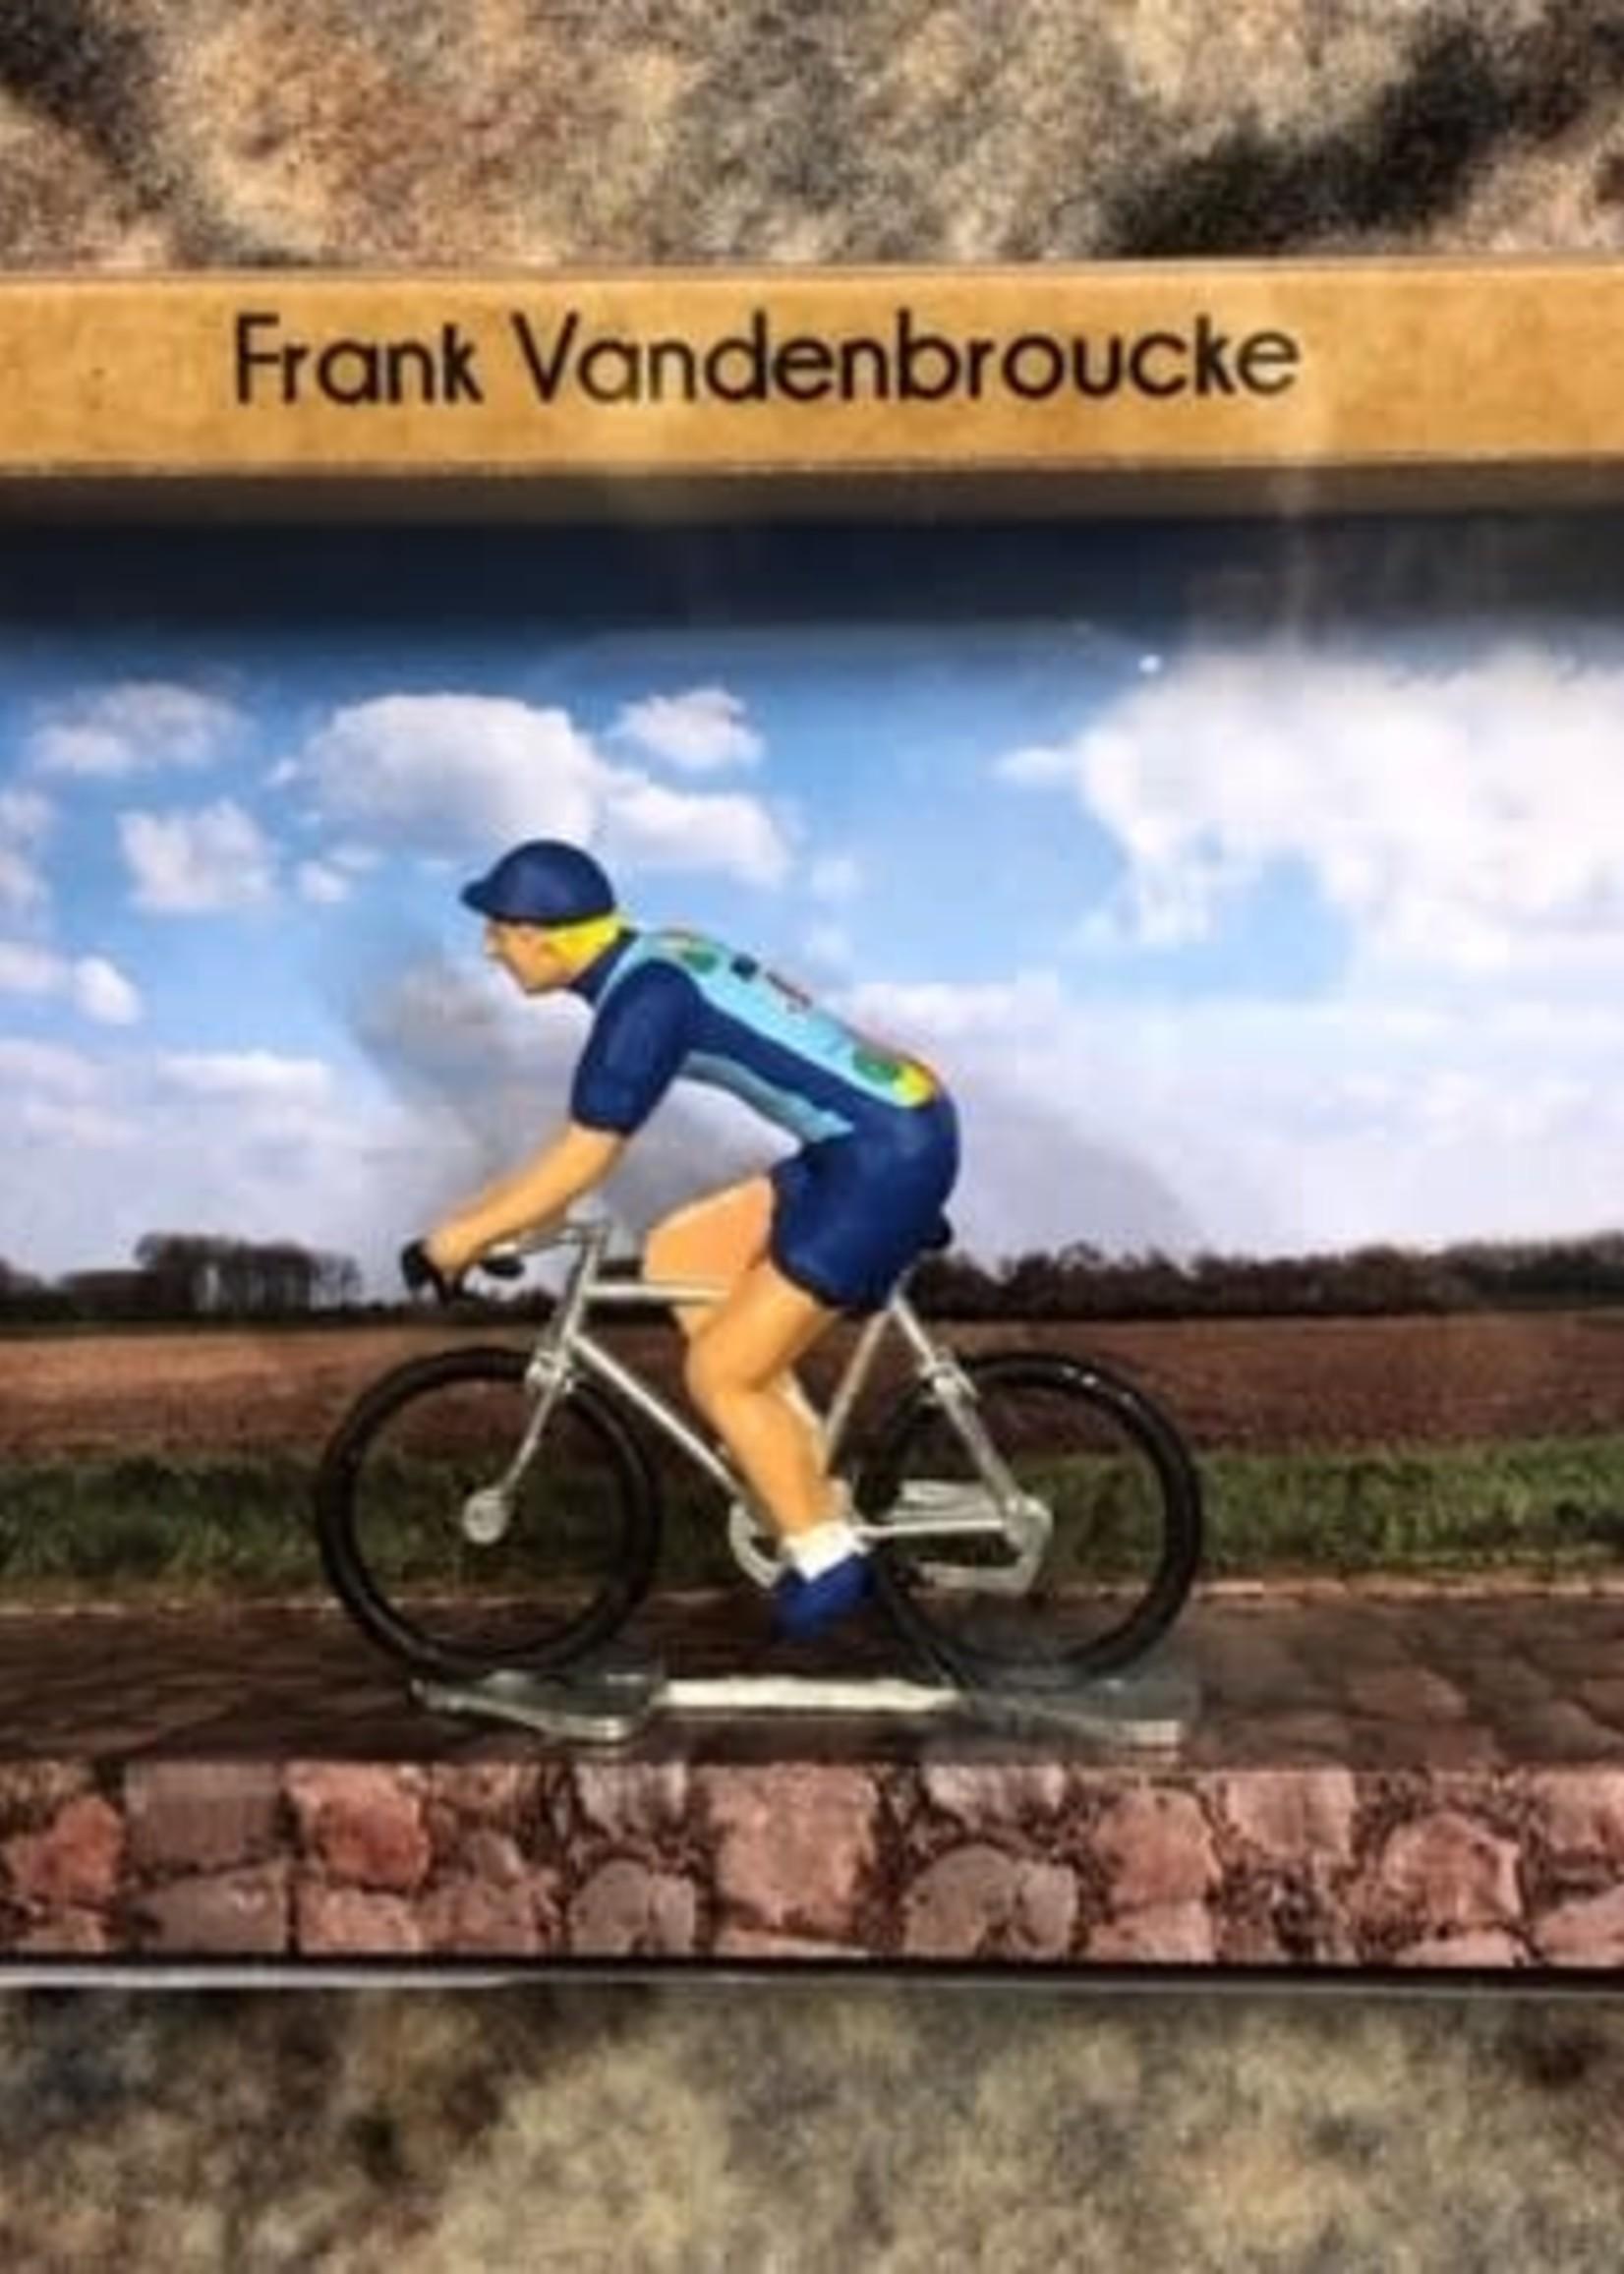 Miniatuur Frank Vandenbroucke